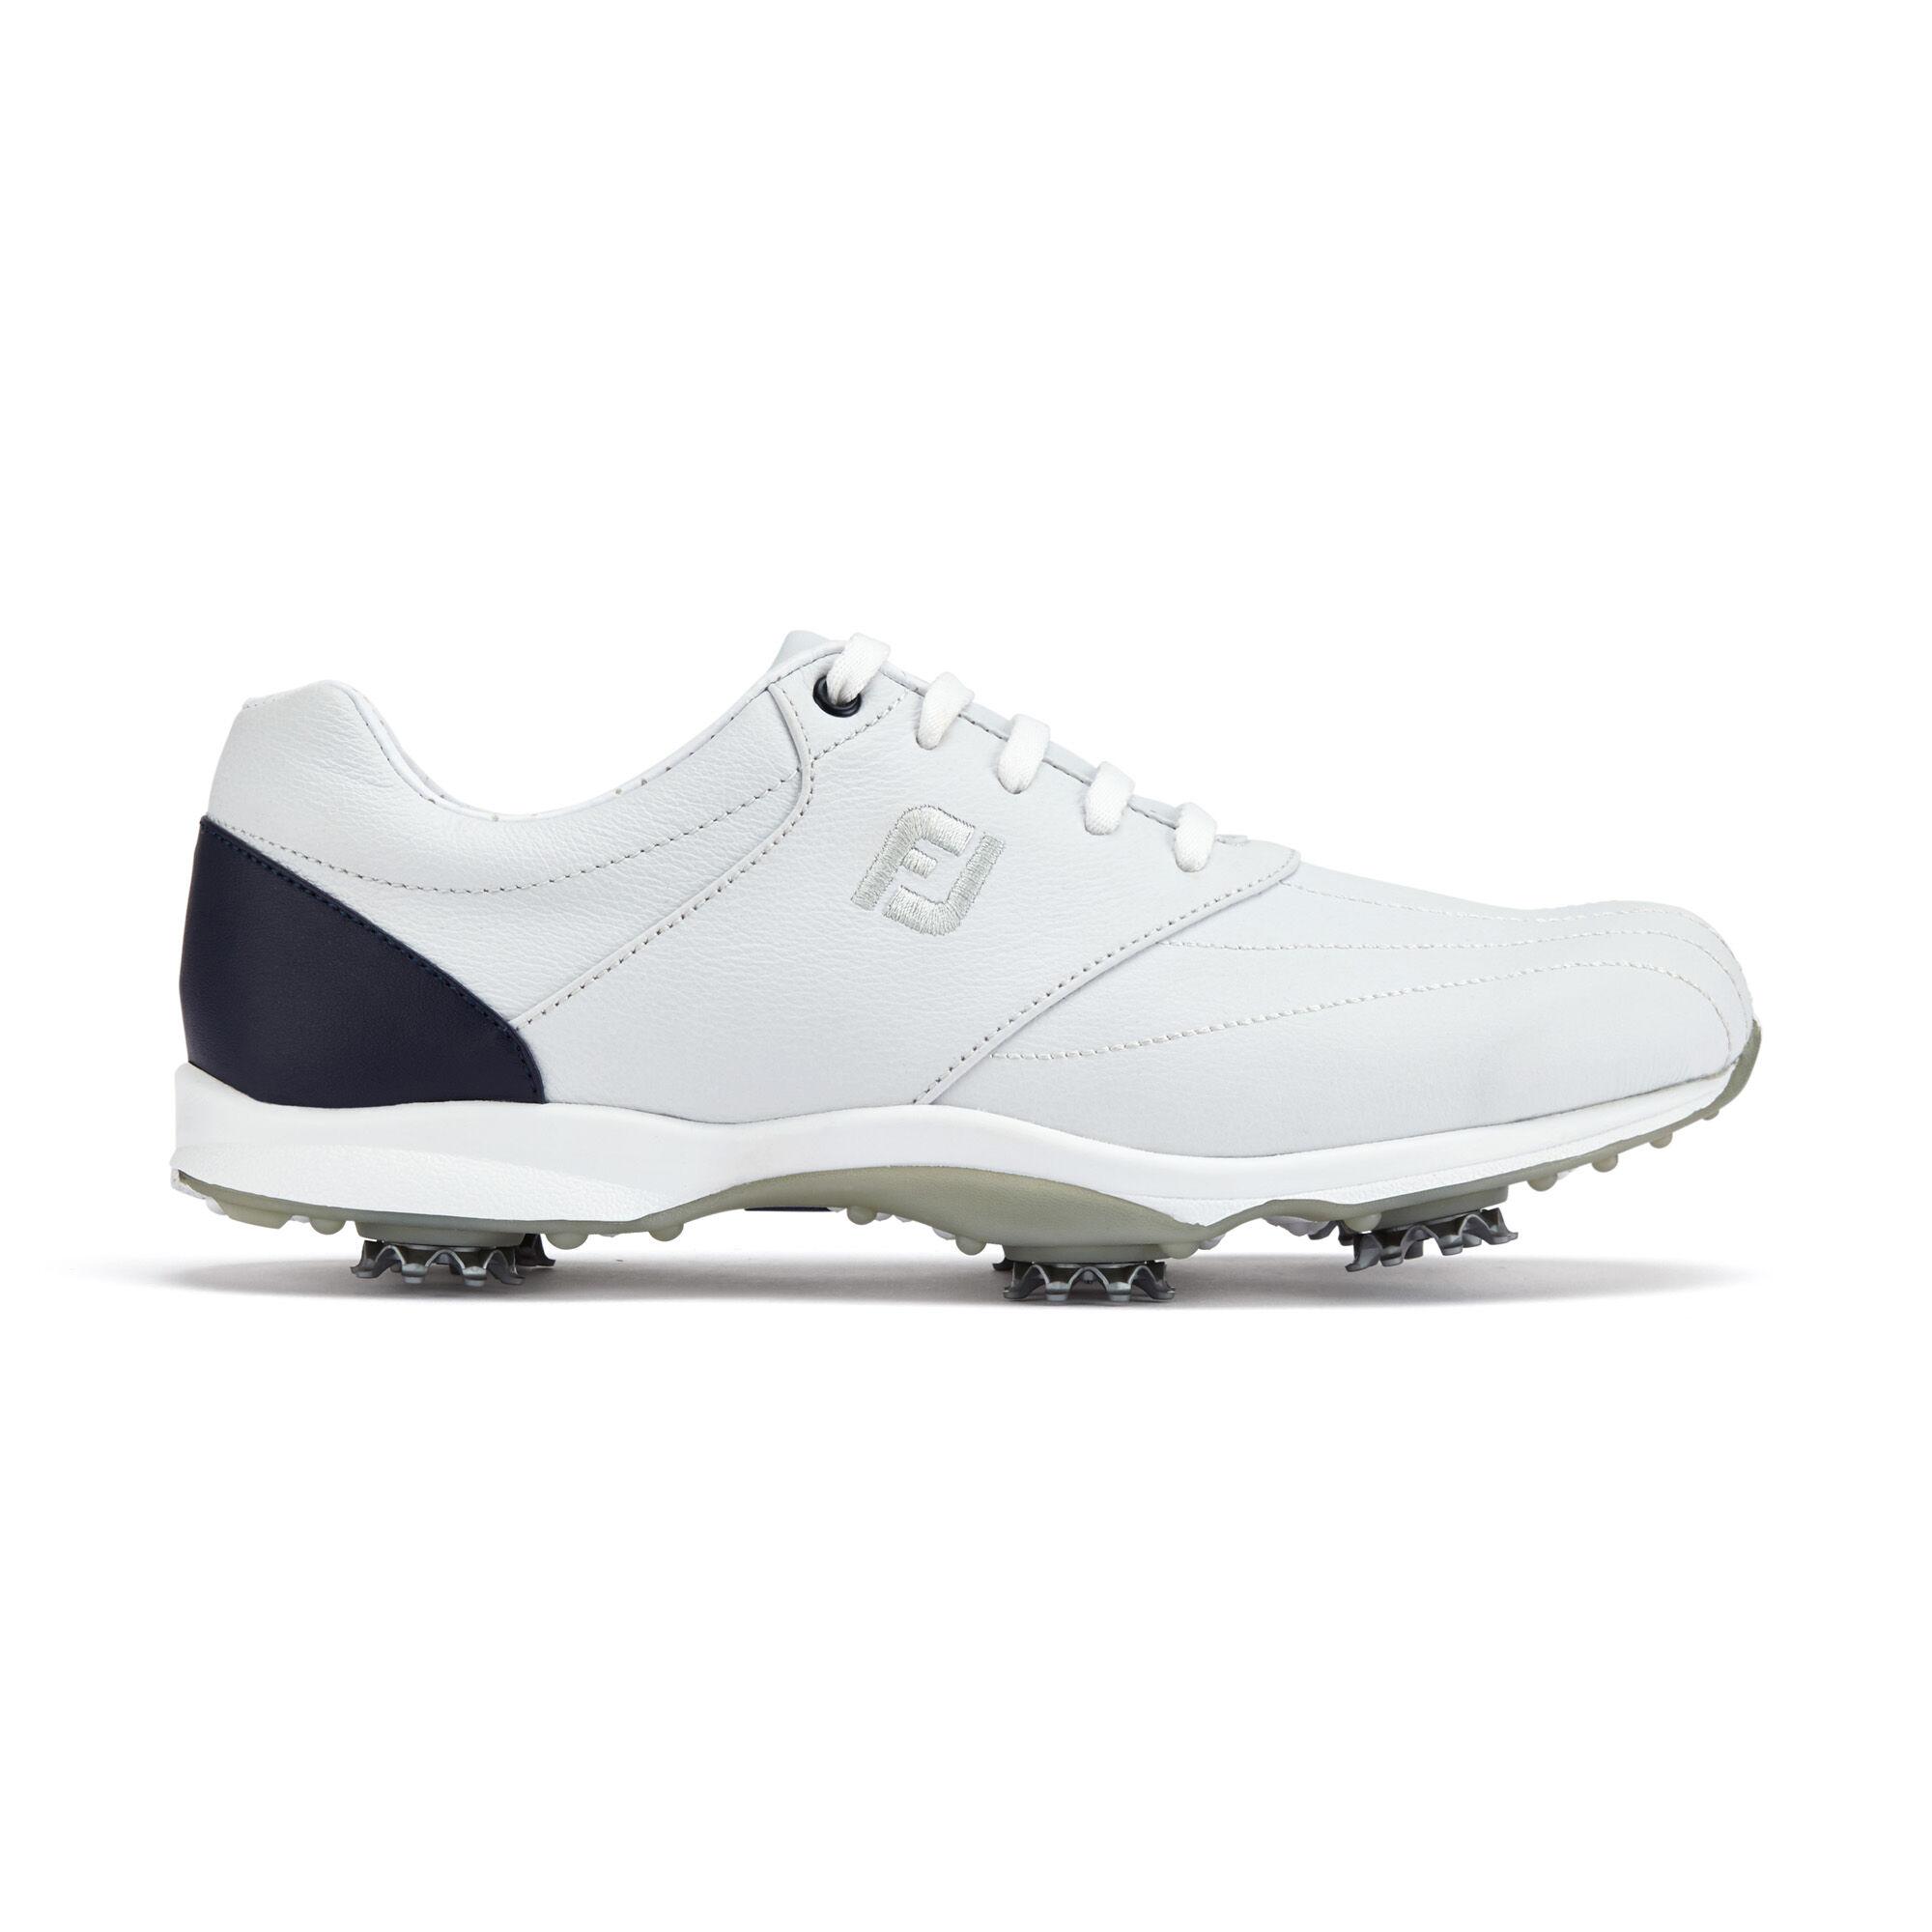 Footjoy Damen Golf-Schuhe Embody, Mehrfarbig Gr. 37(W)